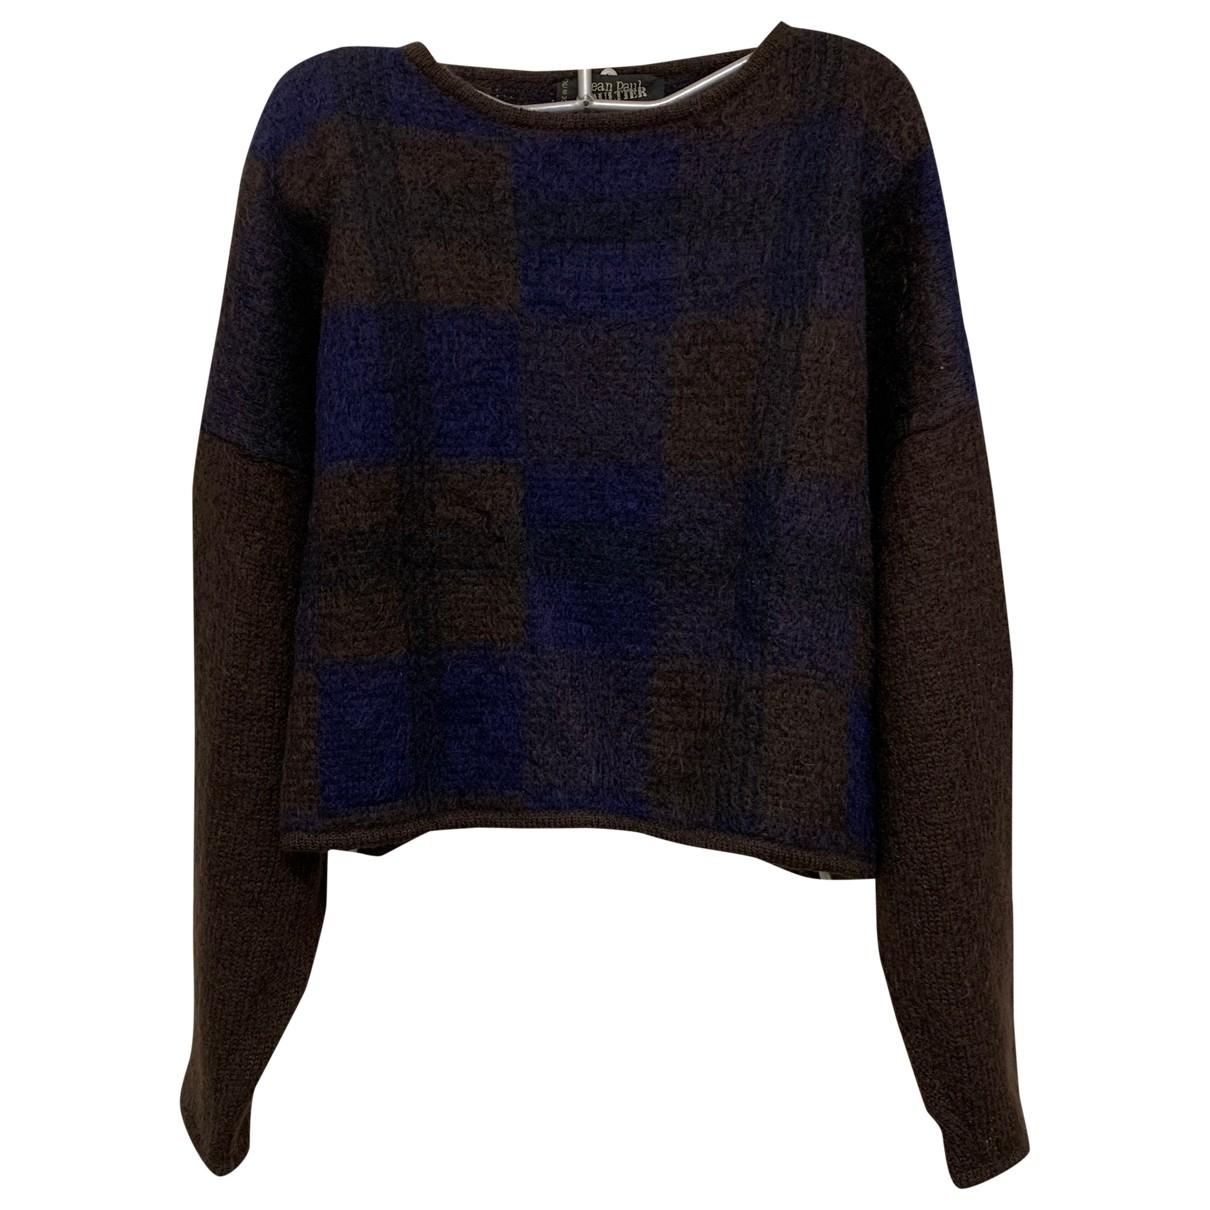 Jean Paul Gaultier - Pull   pour femme en laine - multicolore